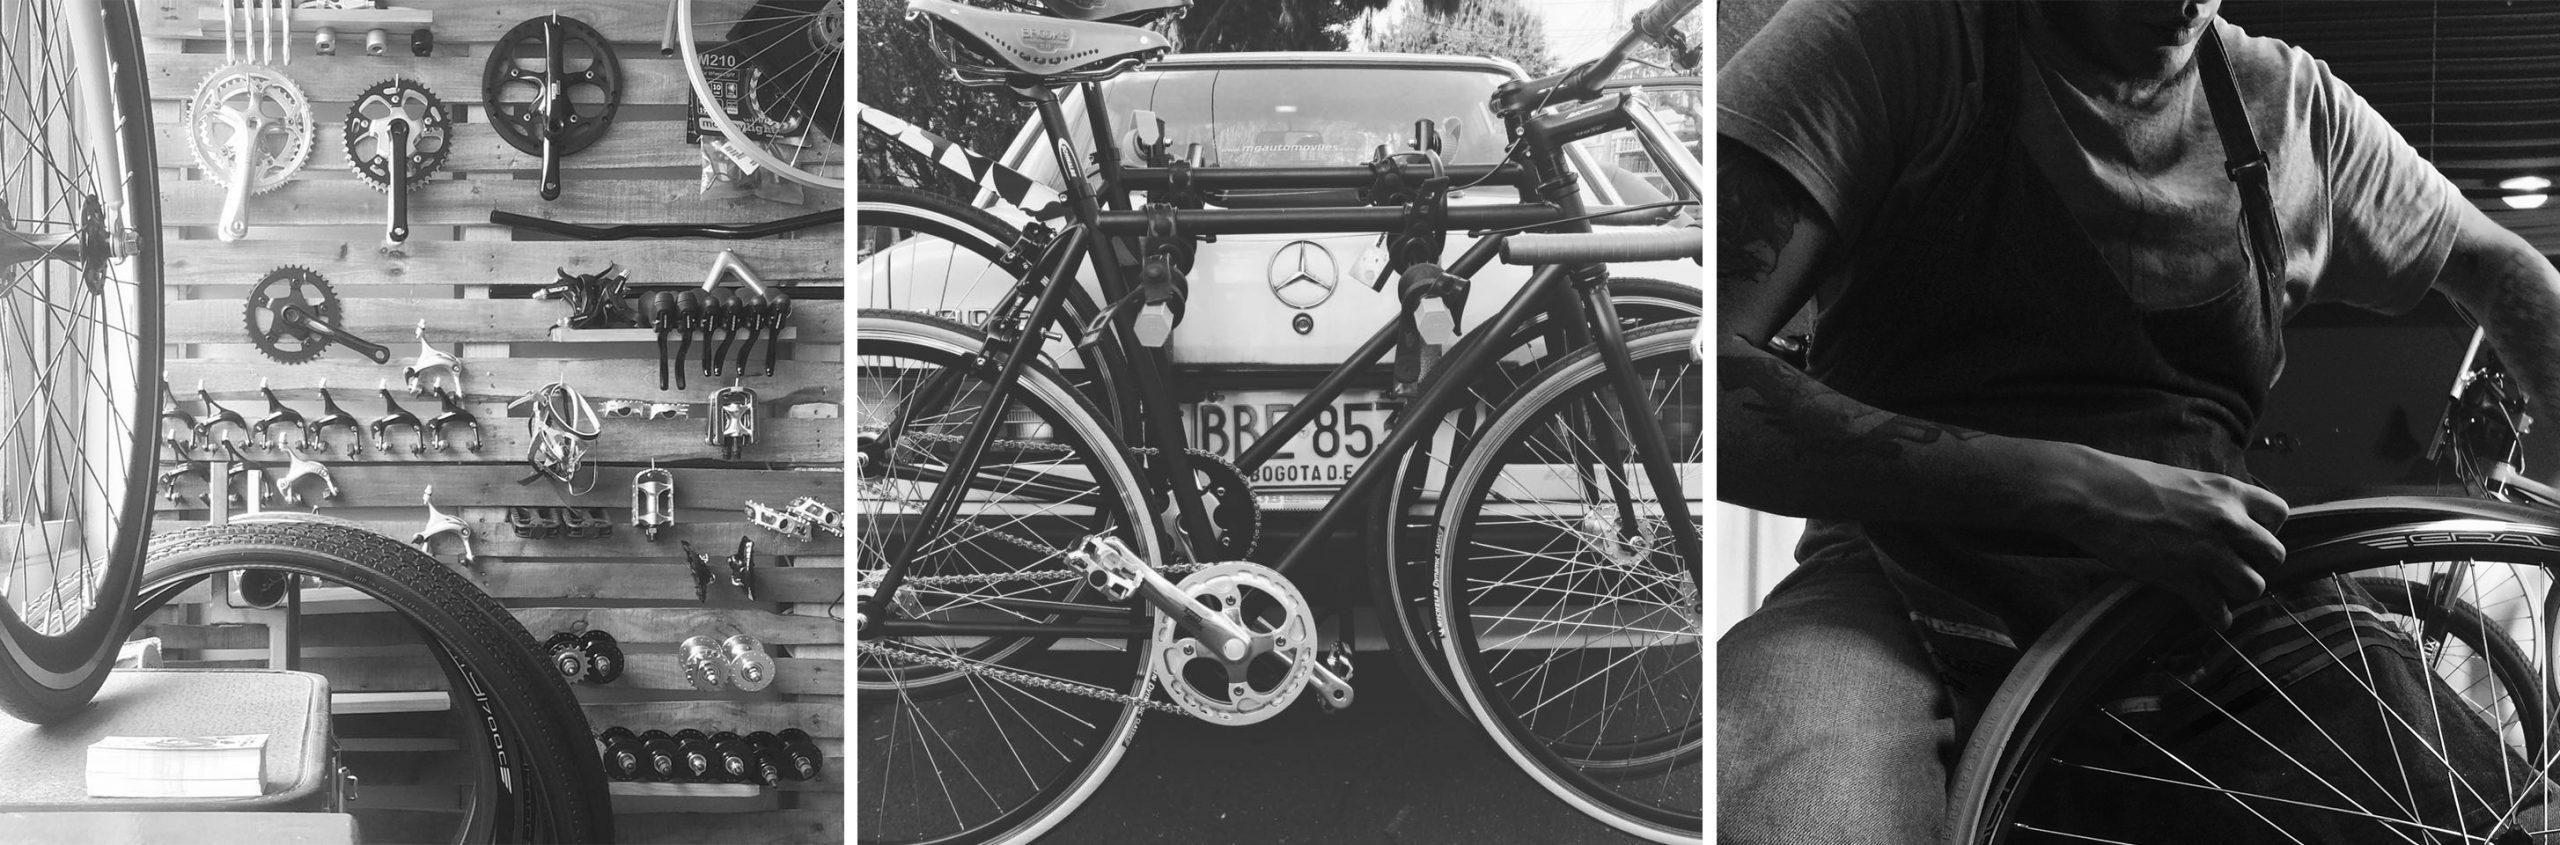 Taller de bicicletas fixed en bogotá